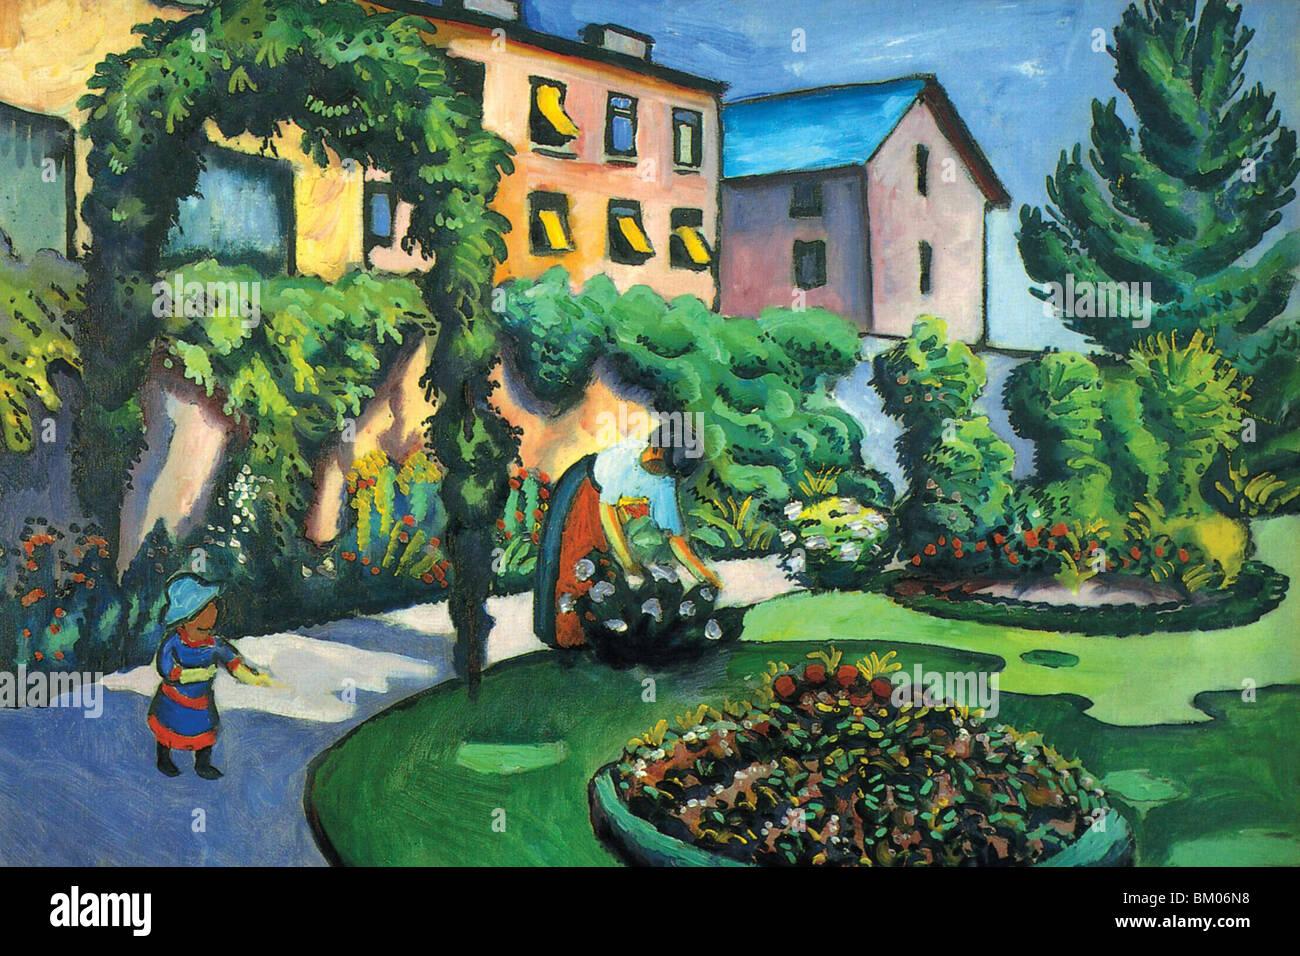 Immagine del giardino Immagini Stock